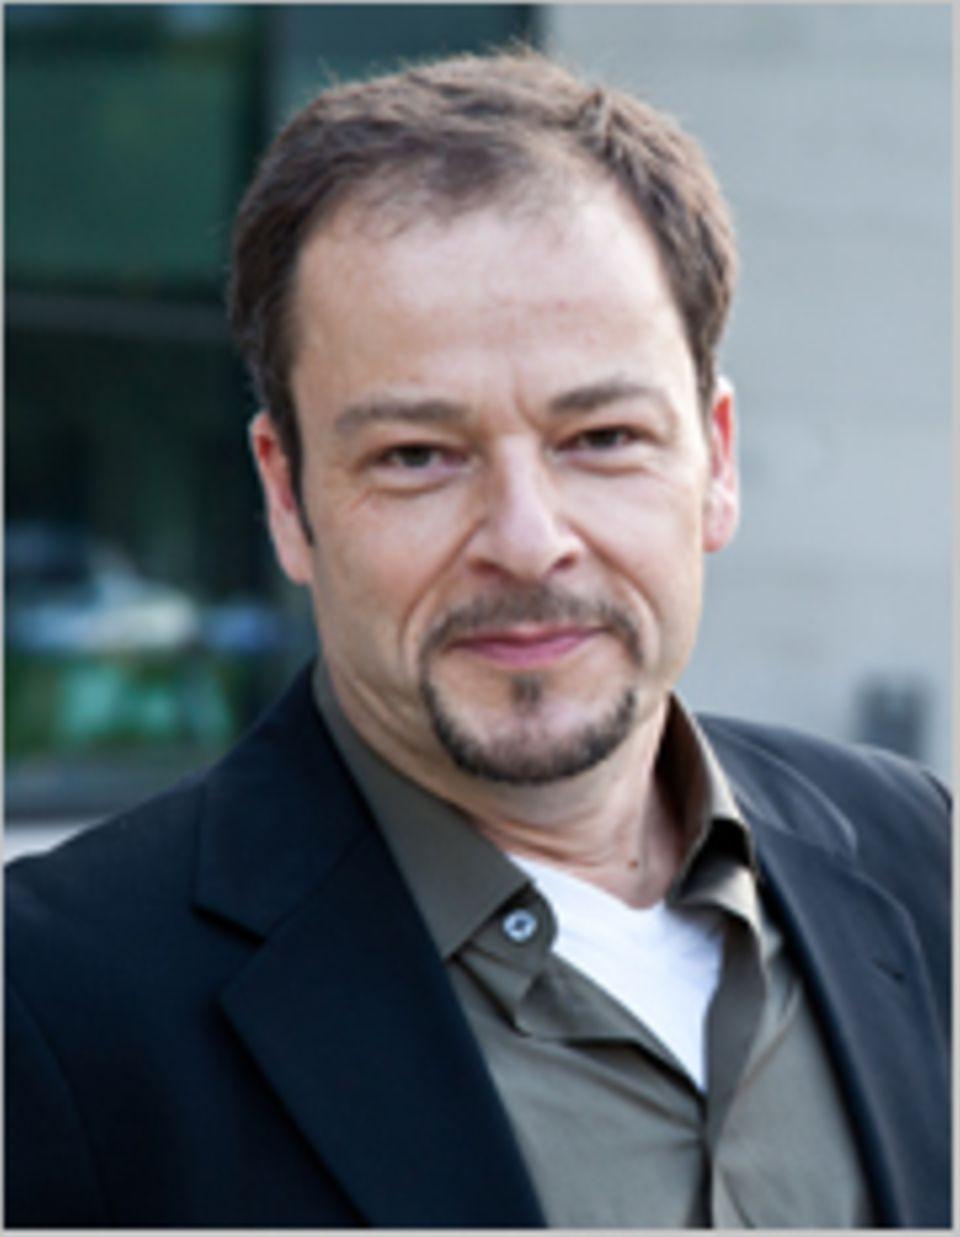 Kinotipp: Regisseur und Naturfilmer Jan Haft